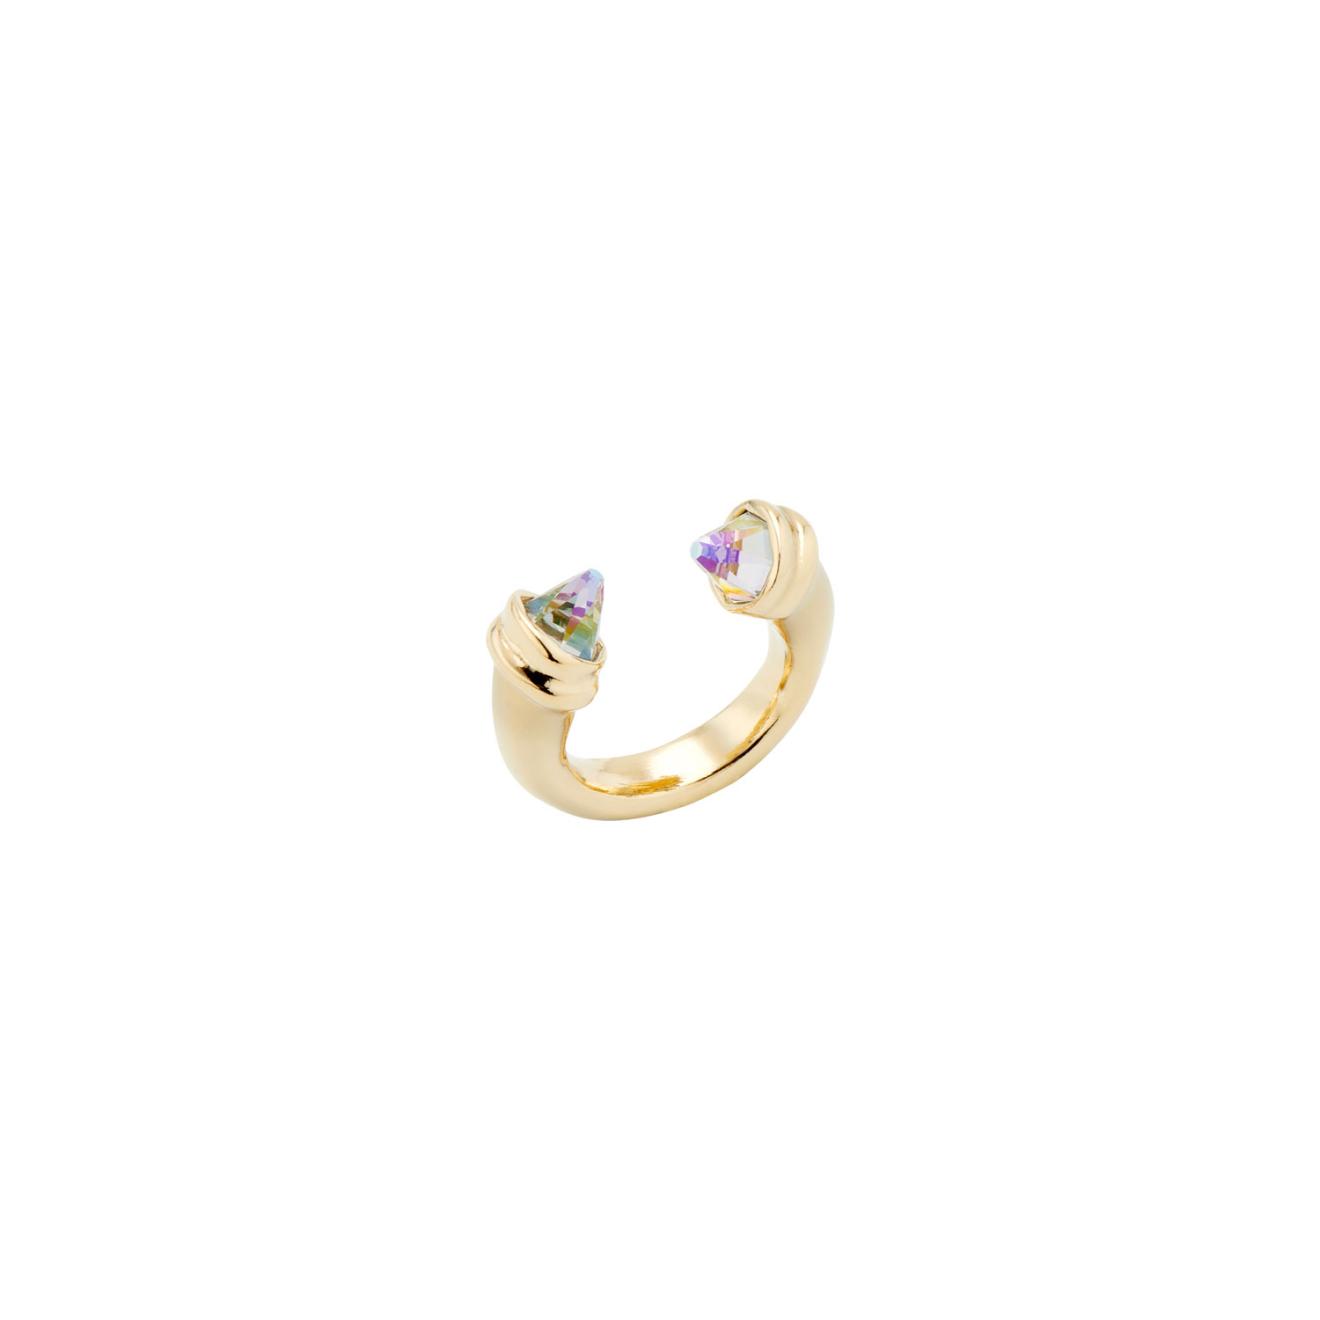 Unode50 Позолоченное кольцо с кристаллами Swarovski Crystal Clear